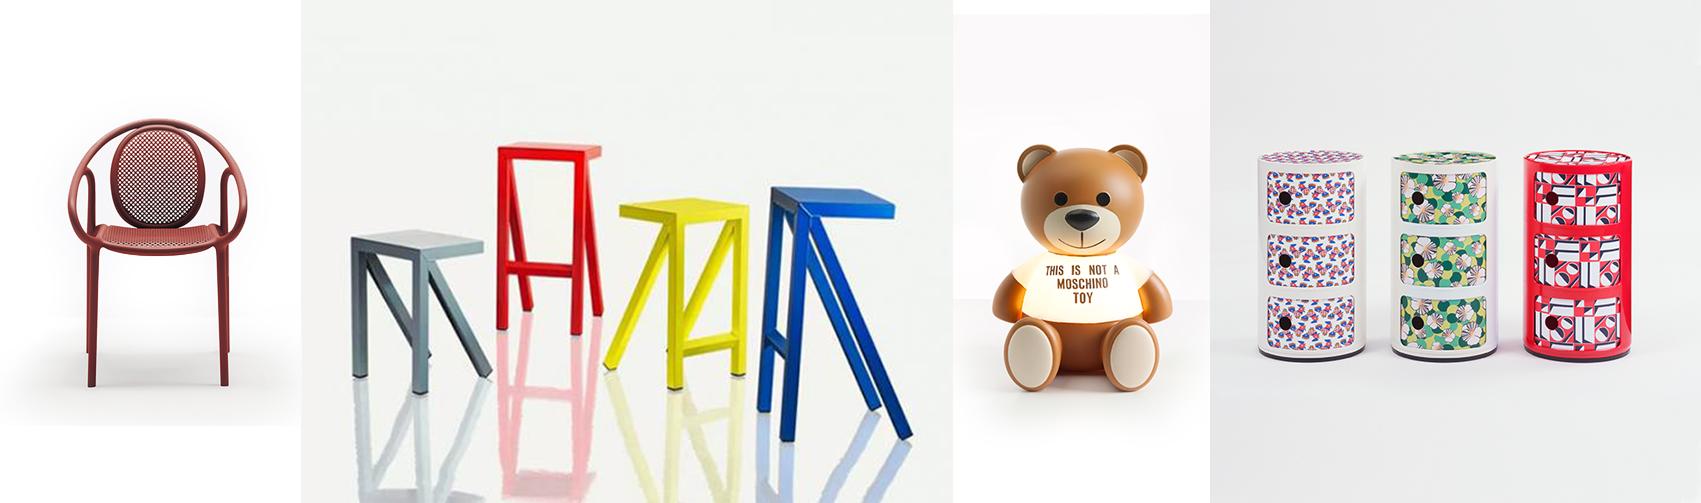 Pedrali Remind 3735 Armlehnstuhl, Magis Bureaurama Kollektion, Kartell Toy Tischleuchte und Kartell Compoinibili La Double J Container